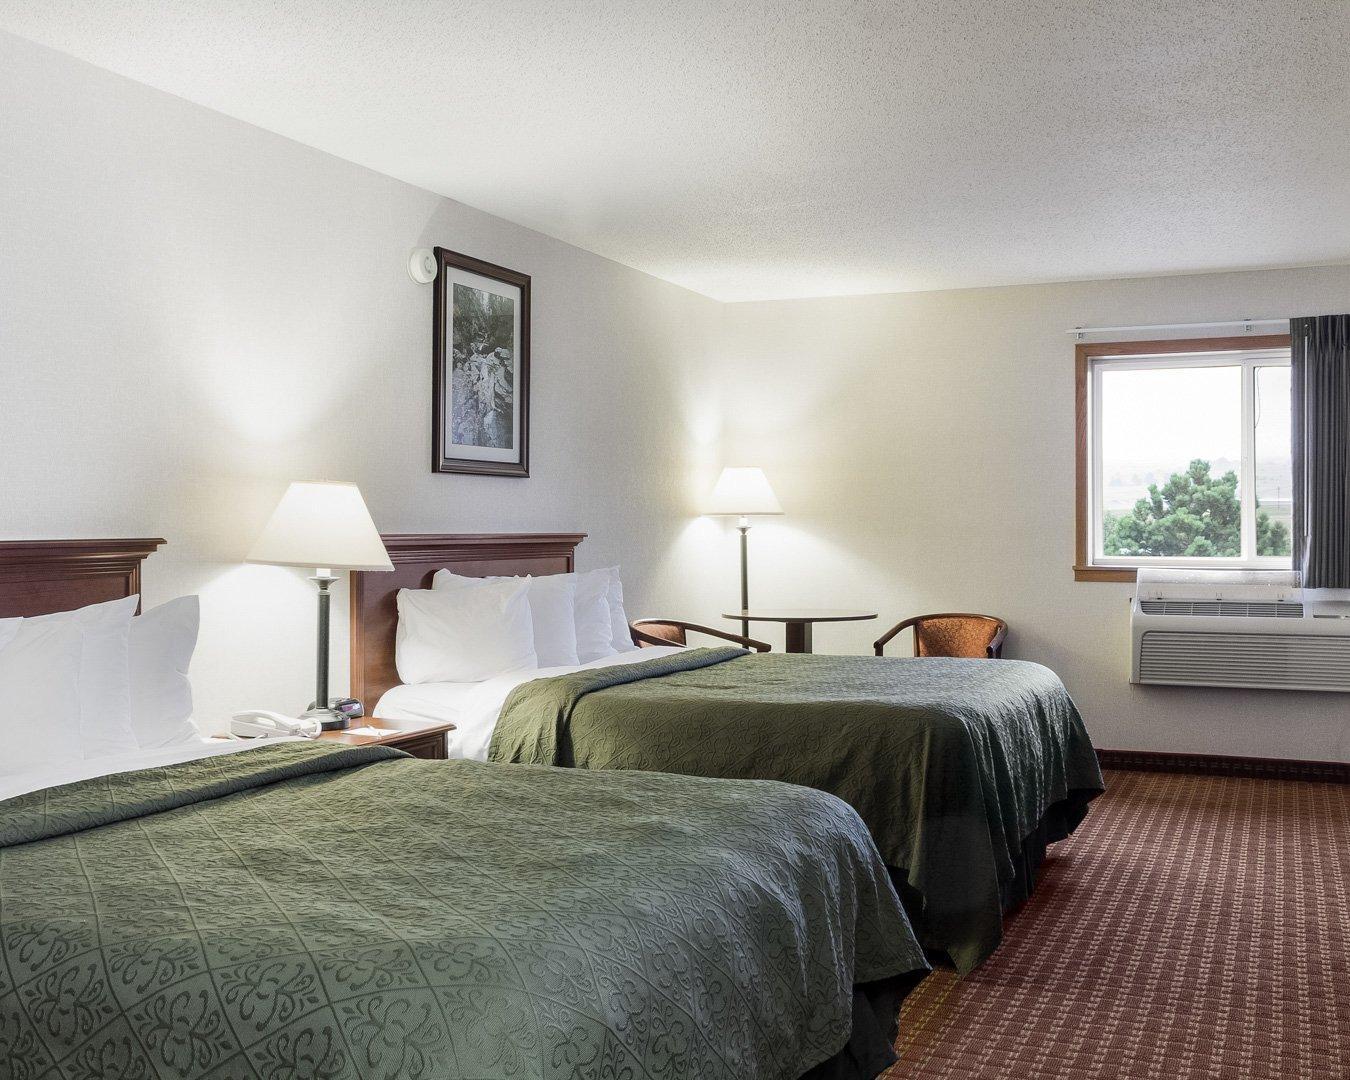 Quality Inn, Spearfish SD